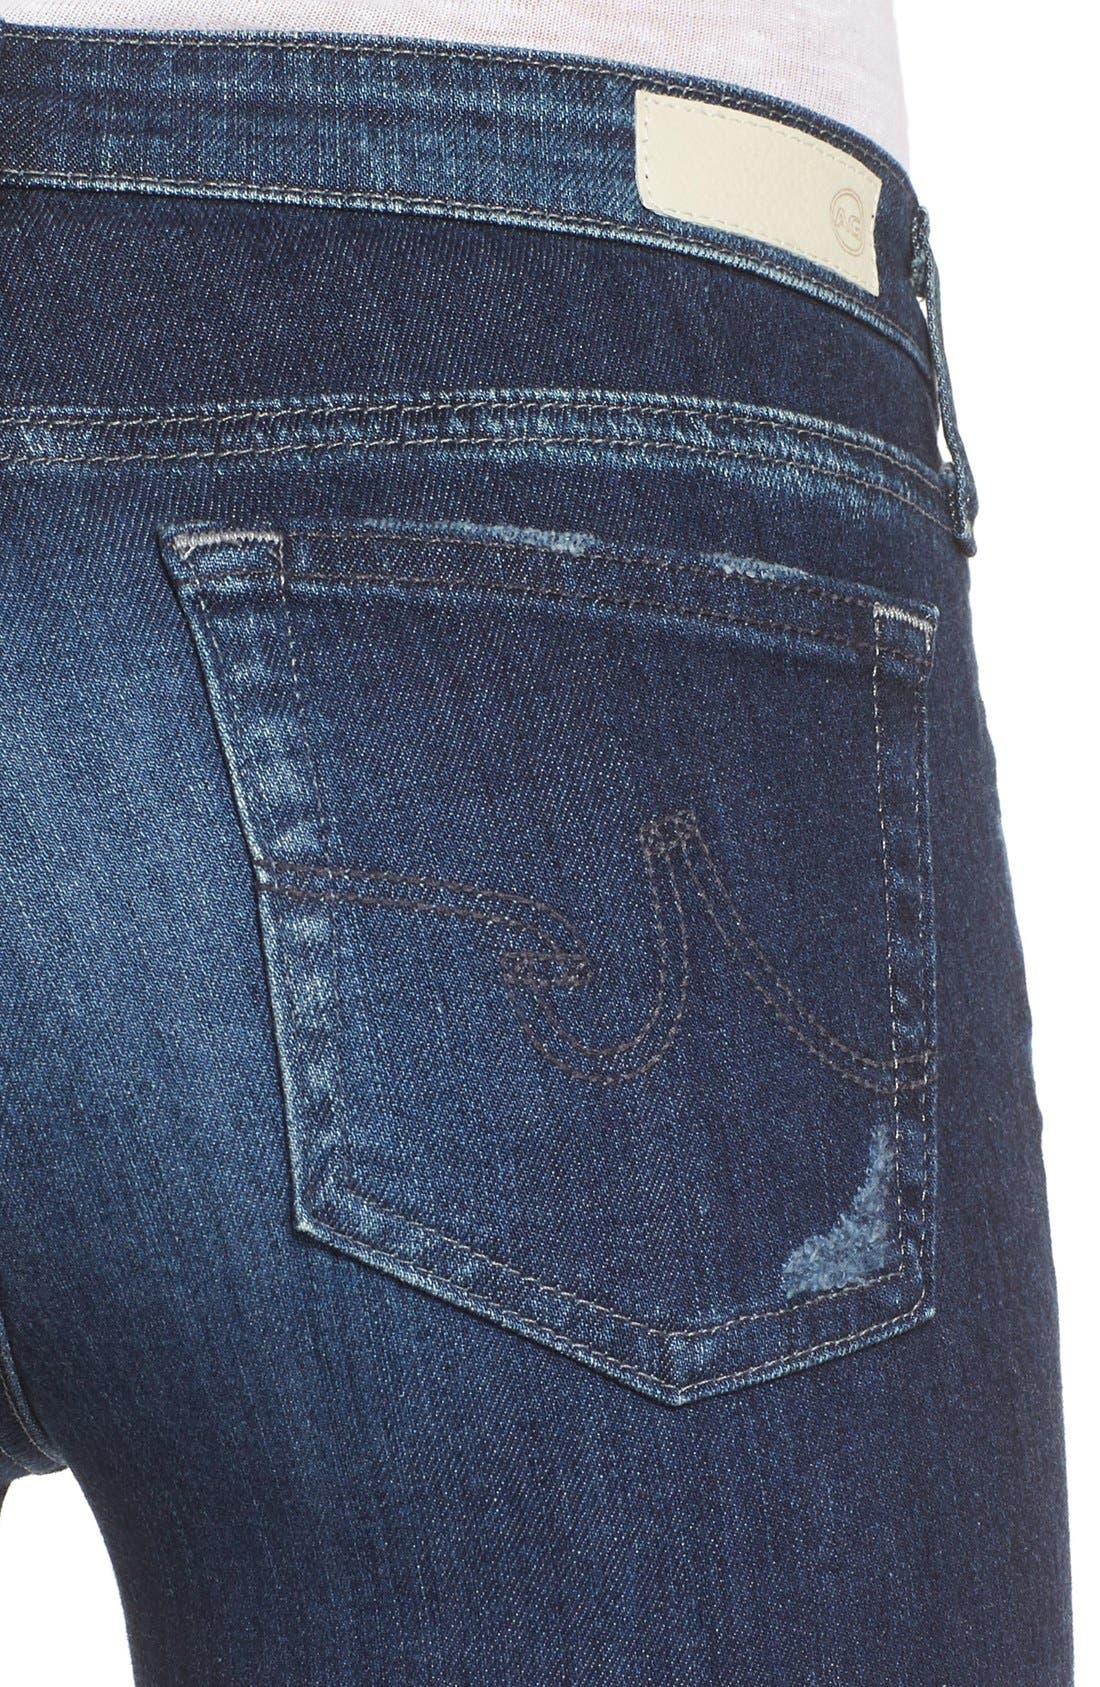 'The Stilt' Cigarette Leg Jeans,                             Alternate thumbnail 12, color,